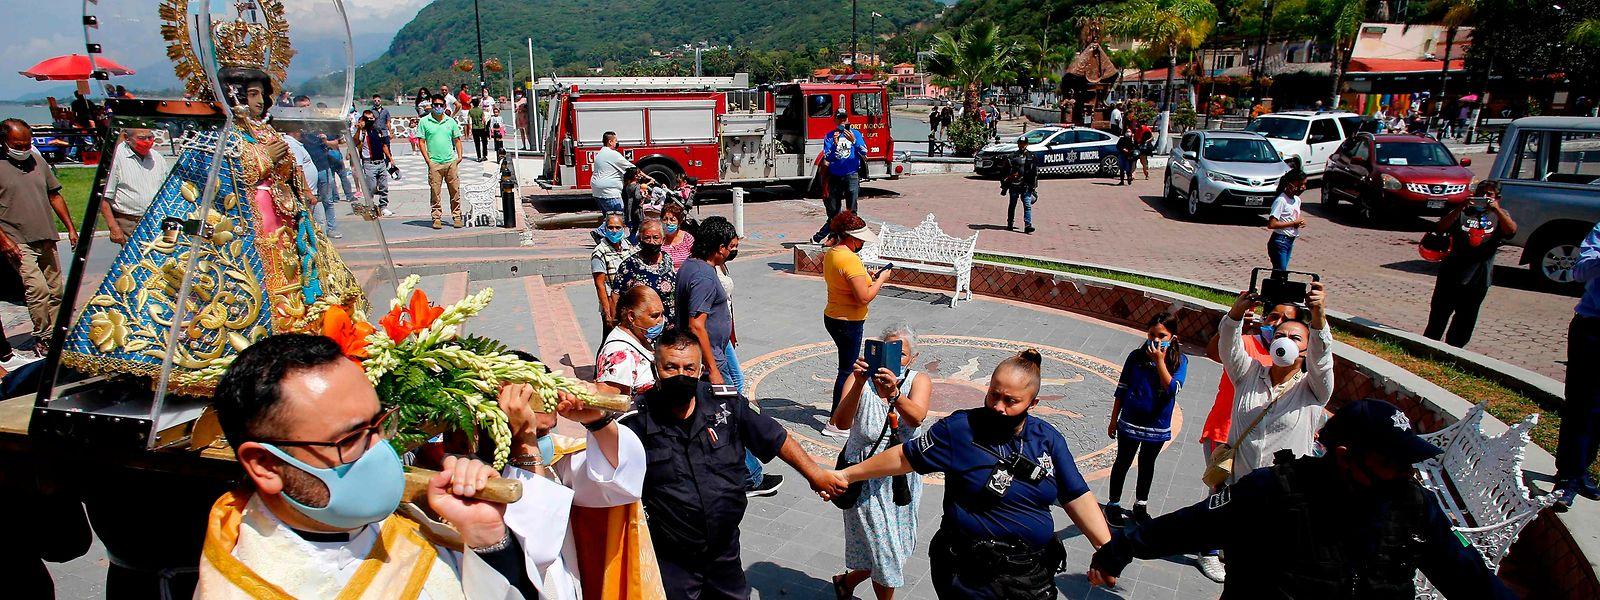 """Das Bild der Jungfrau von Zapopan, auch als """"Königin des Chapala-Sees"""" bekannt, wird während einer Prozession durch die Straßen getragen."""